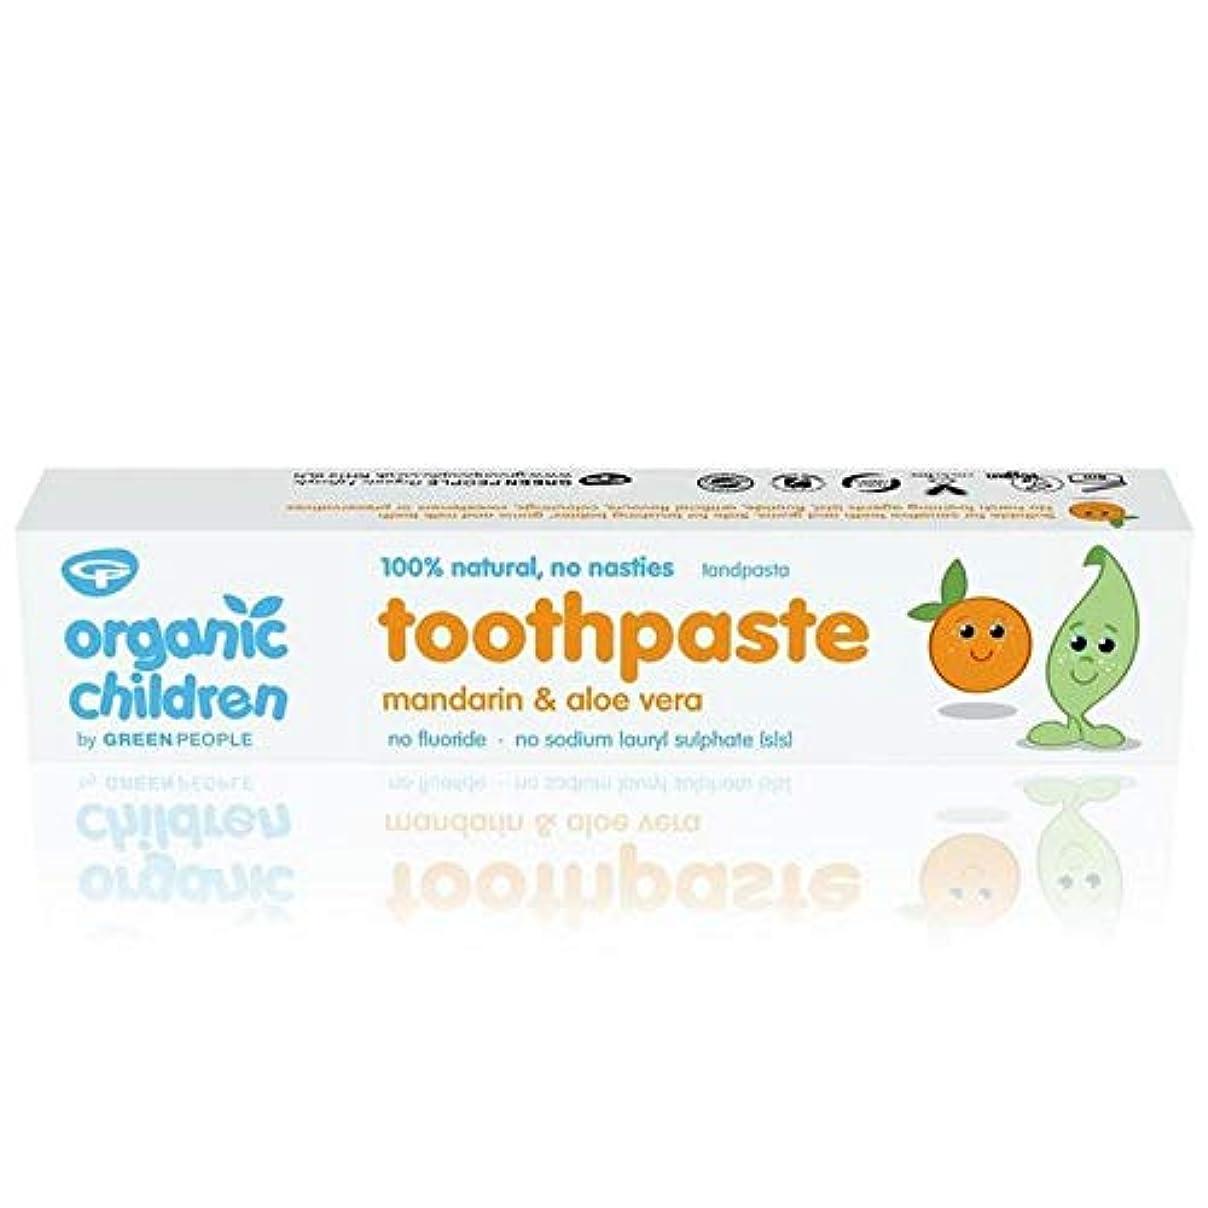 模倣ソビエト訴える[Organic Children ] 有機子供の歯磨き粉、マンダリン50ミリリットル - Organic Children Toothpaste, Mandarin 50ml [並行輸入品]